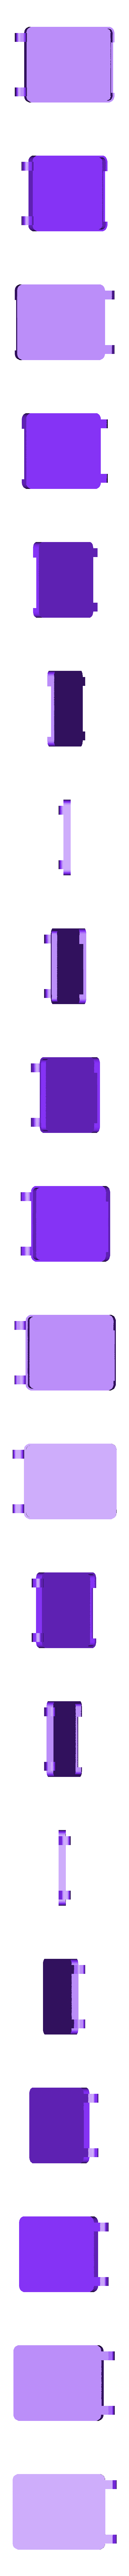 ArdTop.stl Télécharger fichier STL gratuit Cas Arduino • Plan pour imprimante 3D, Obenottr3D